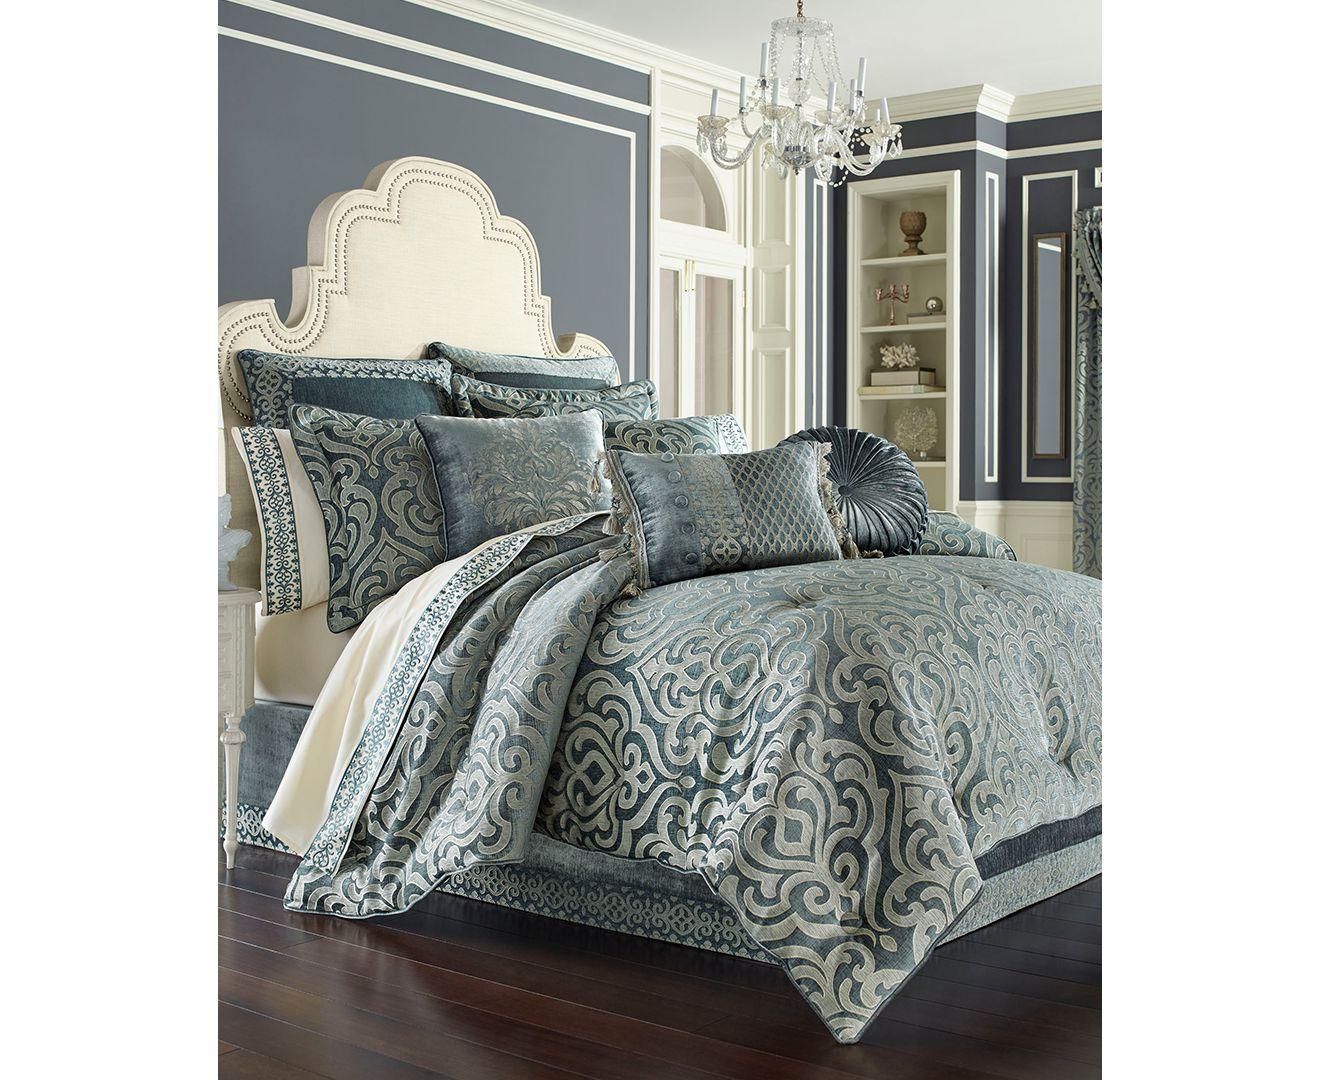 j queen new york bedding & bath - macy's